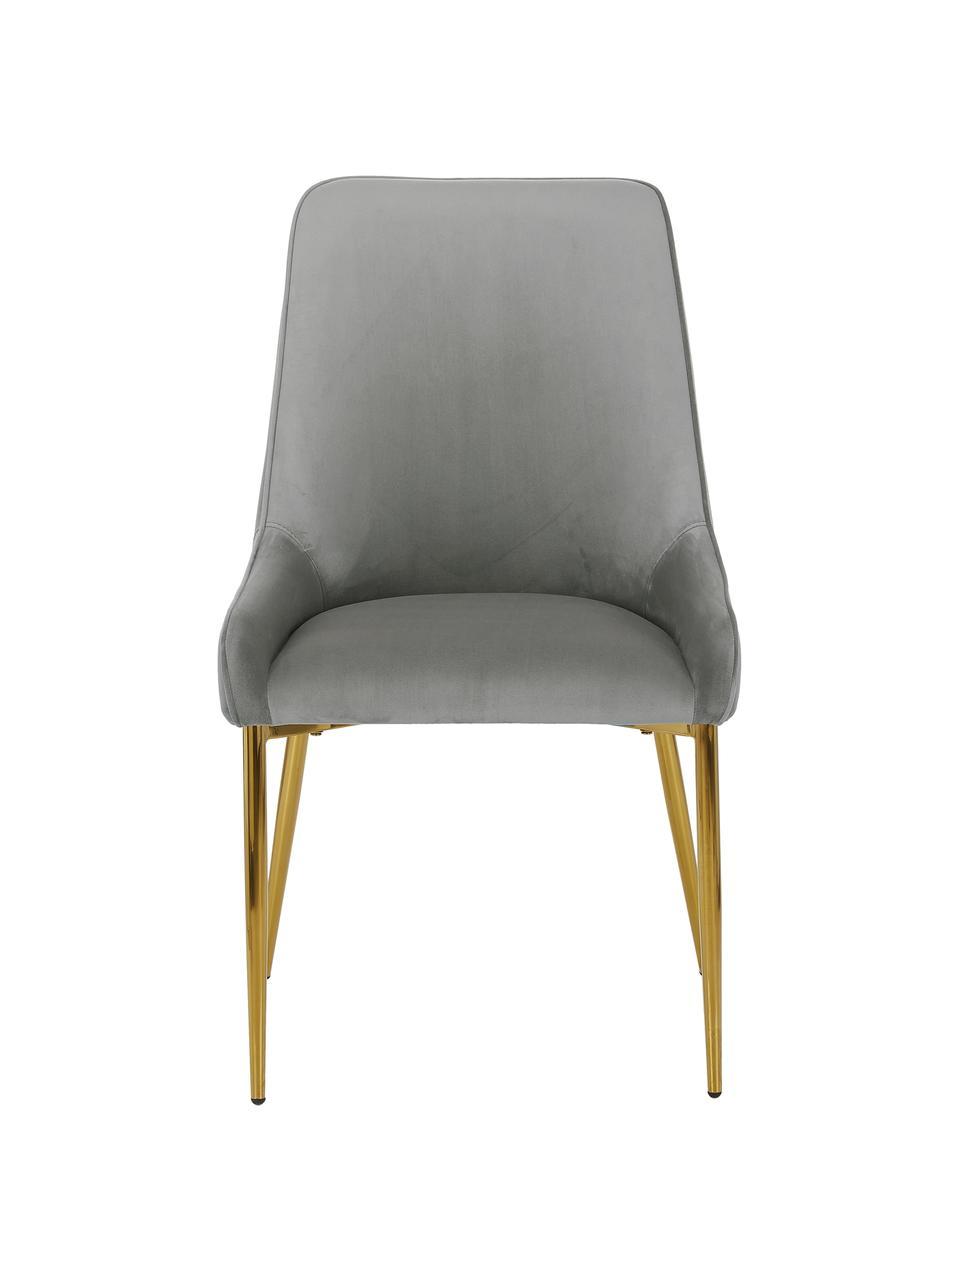 Krzesło tapicerowane z aksamitu Ava, Tapicerka: aksamit (100% poliester) , Nogi: metal galwanizowany, Aksamitny szary, S 53 x G 60 cm